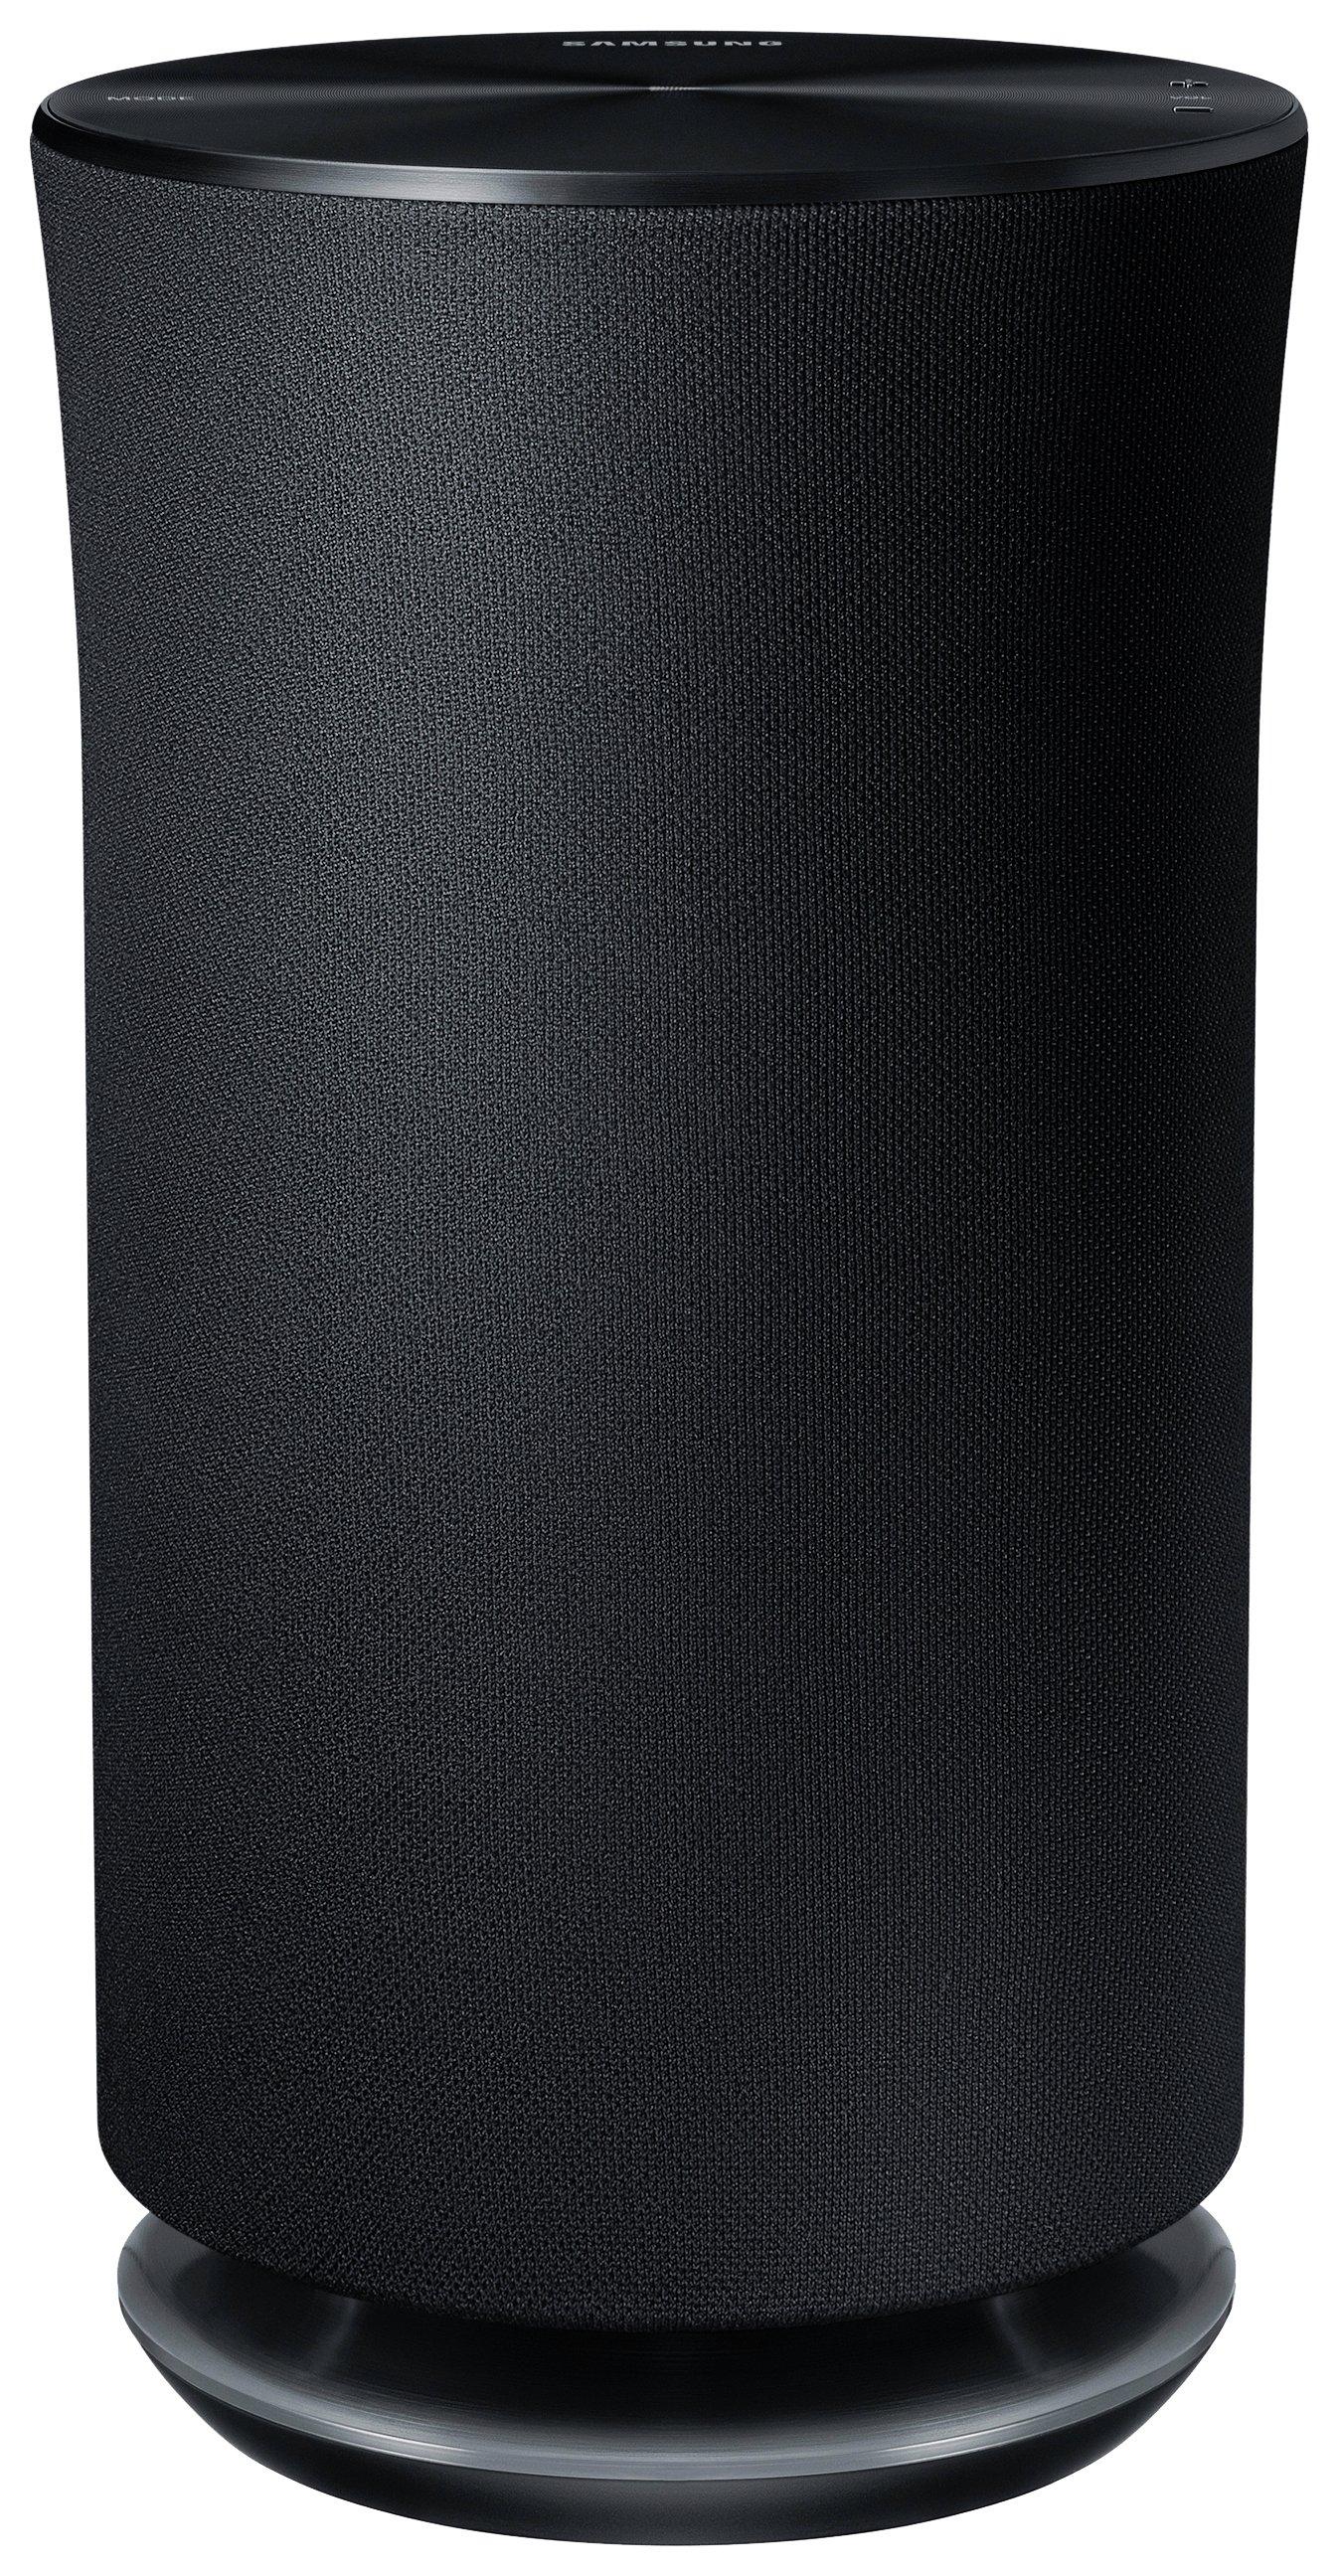 Samsung R3 360 Sound Wireless Speaker - Black.